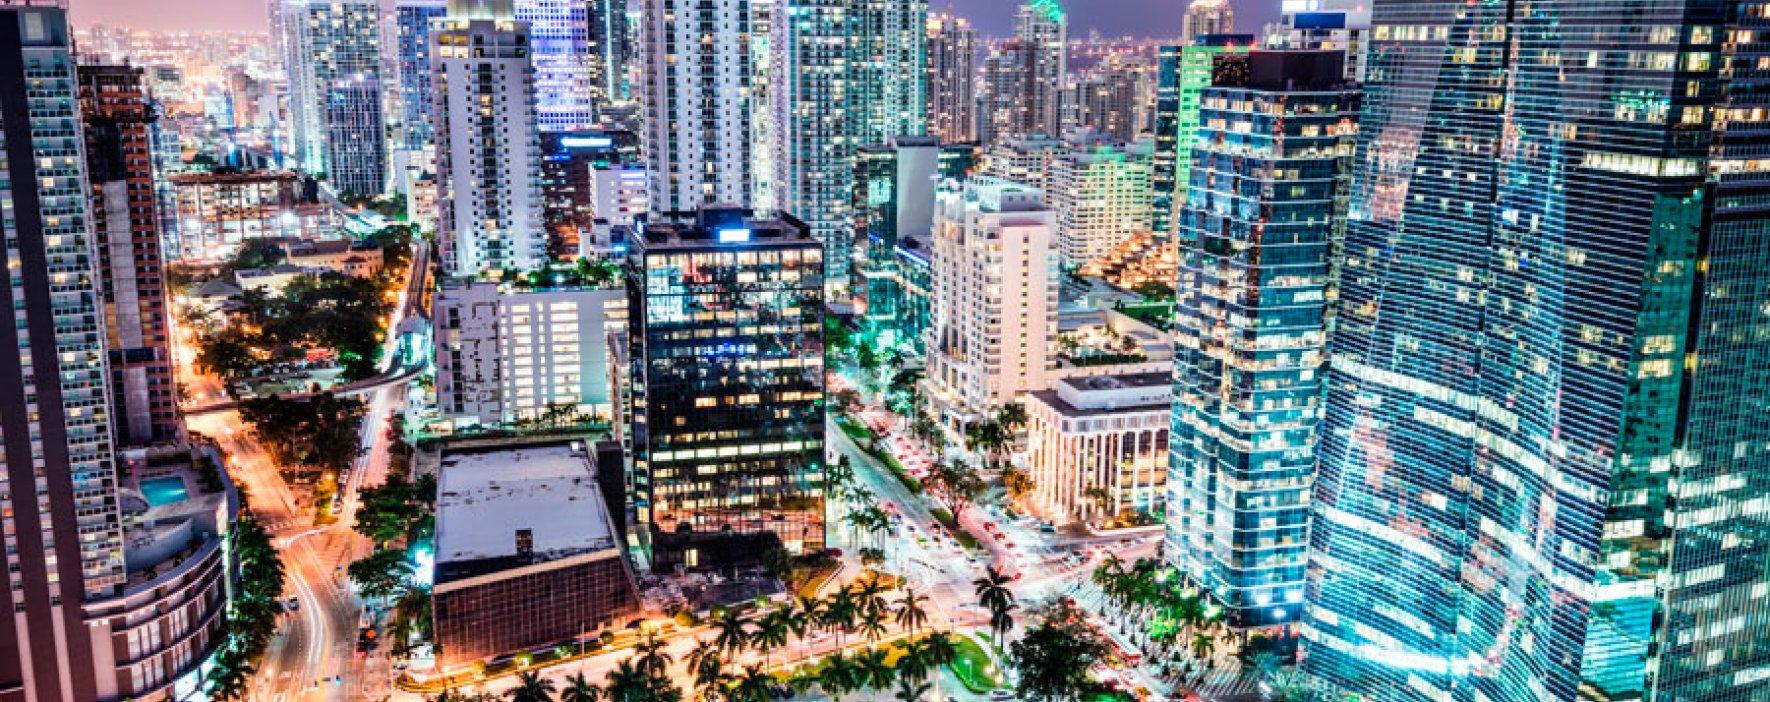 Miami, ideal para invertir